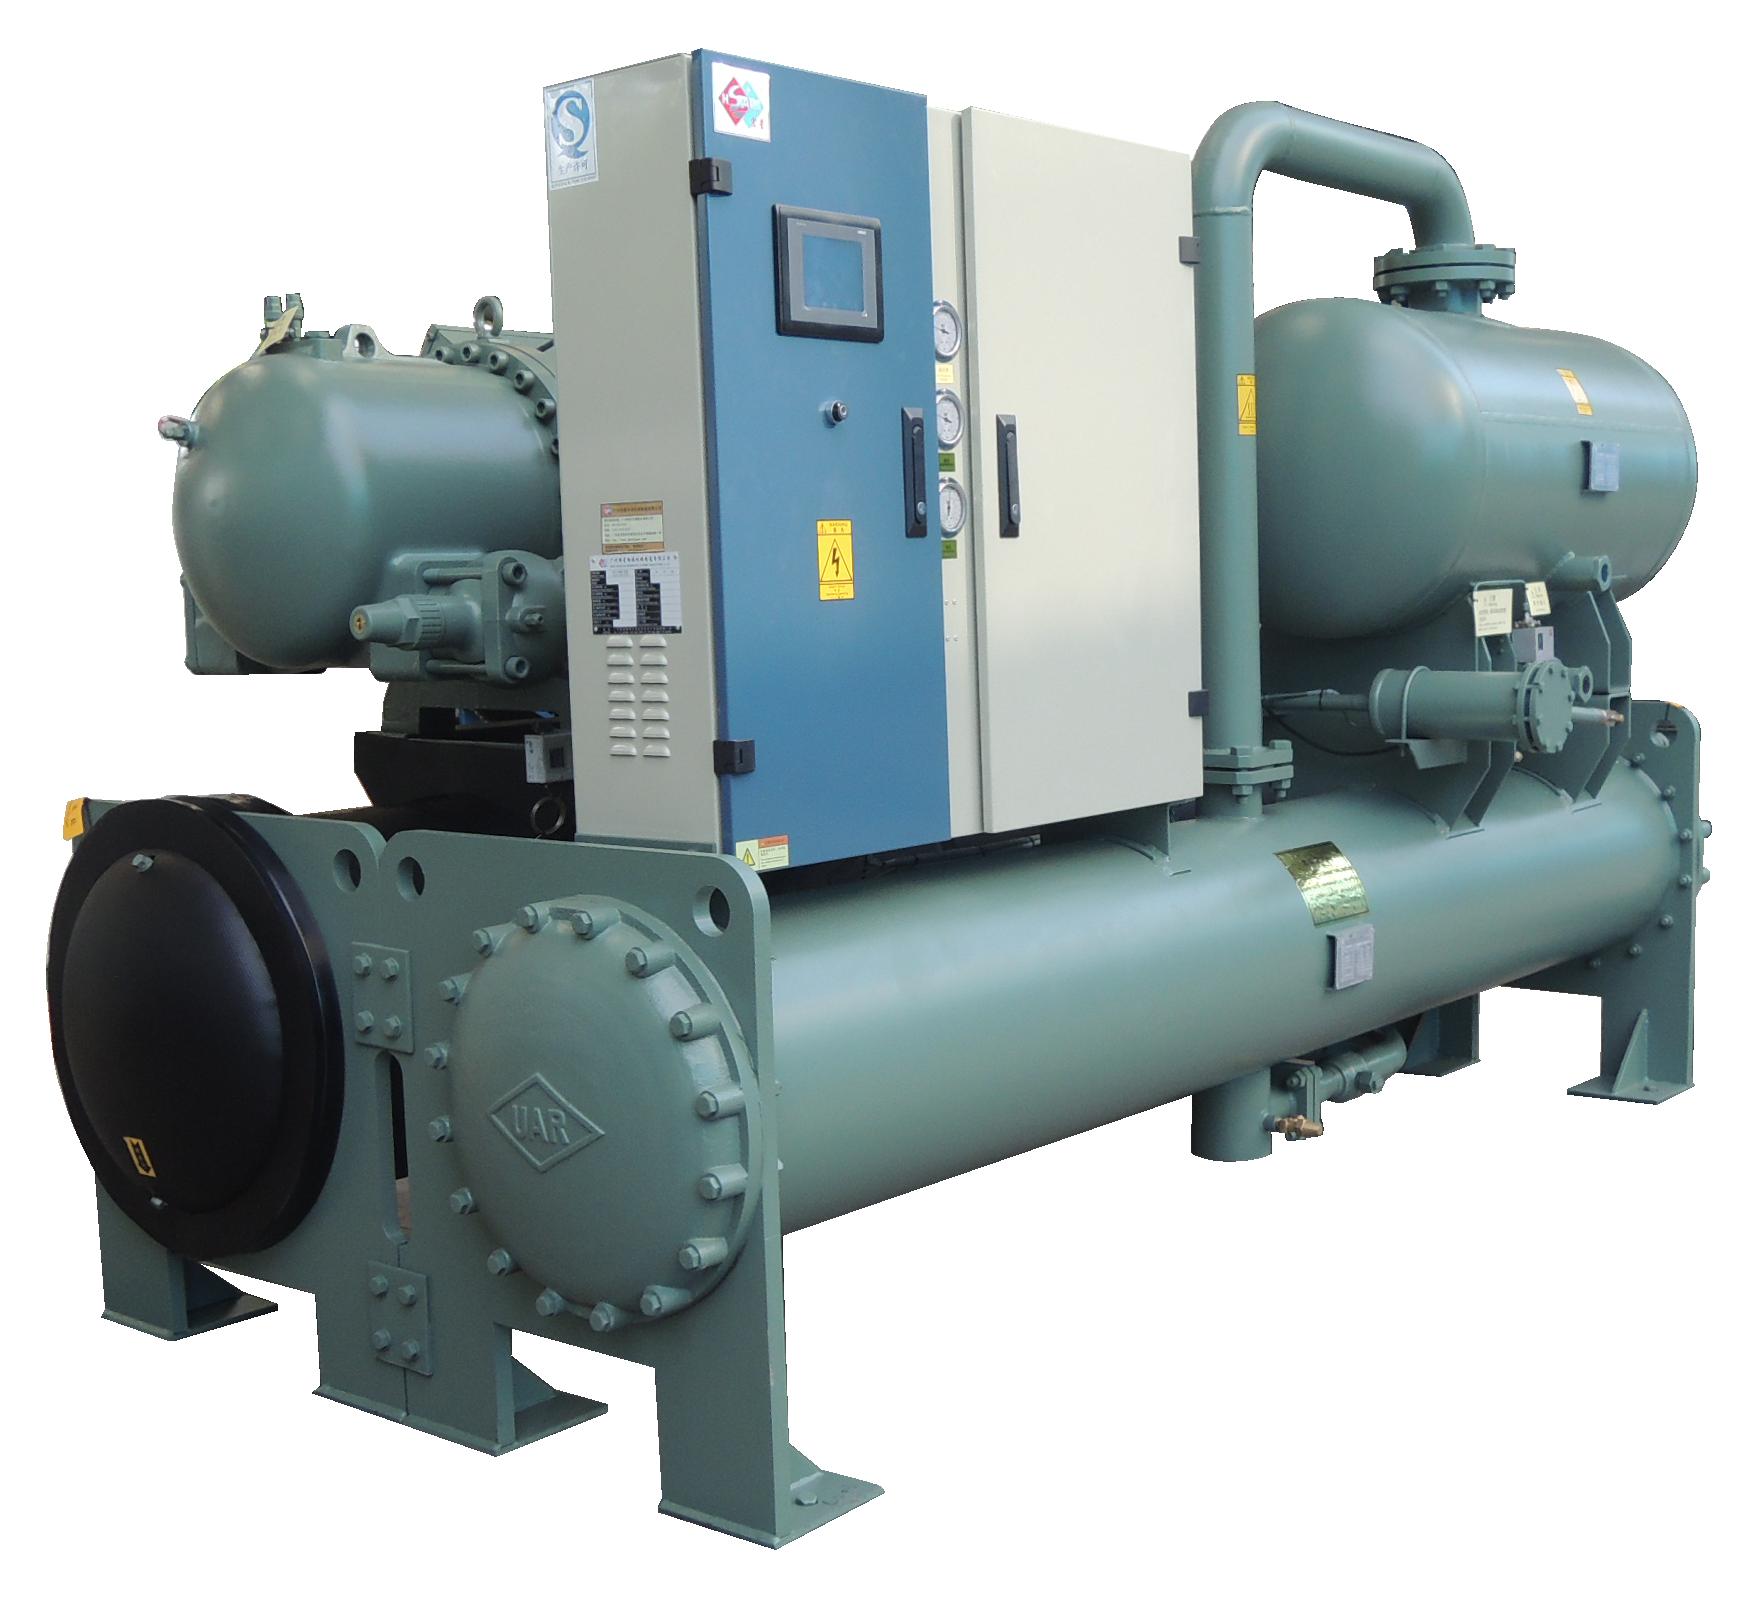 Remote Control Trane Water Cooled Centrifugal Chiller Refrigeracion Y Aire Acondicionado Acondicionado Aire Acondicionado